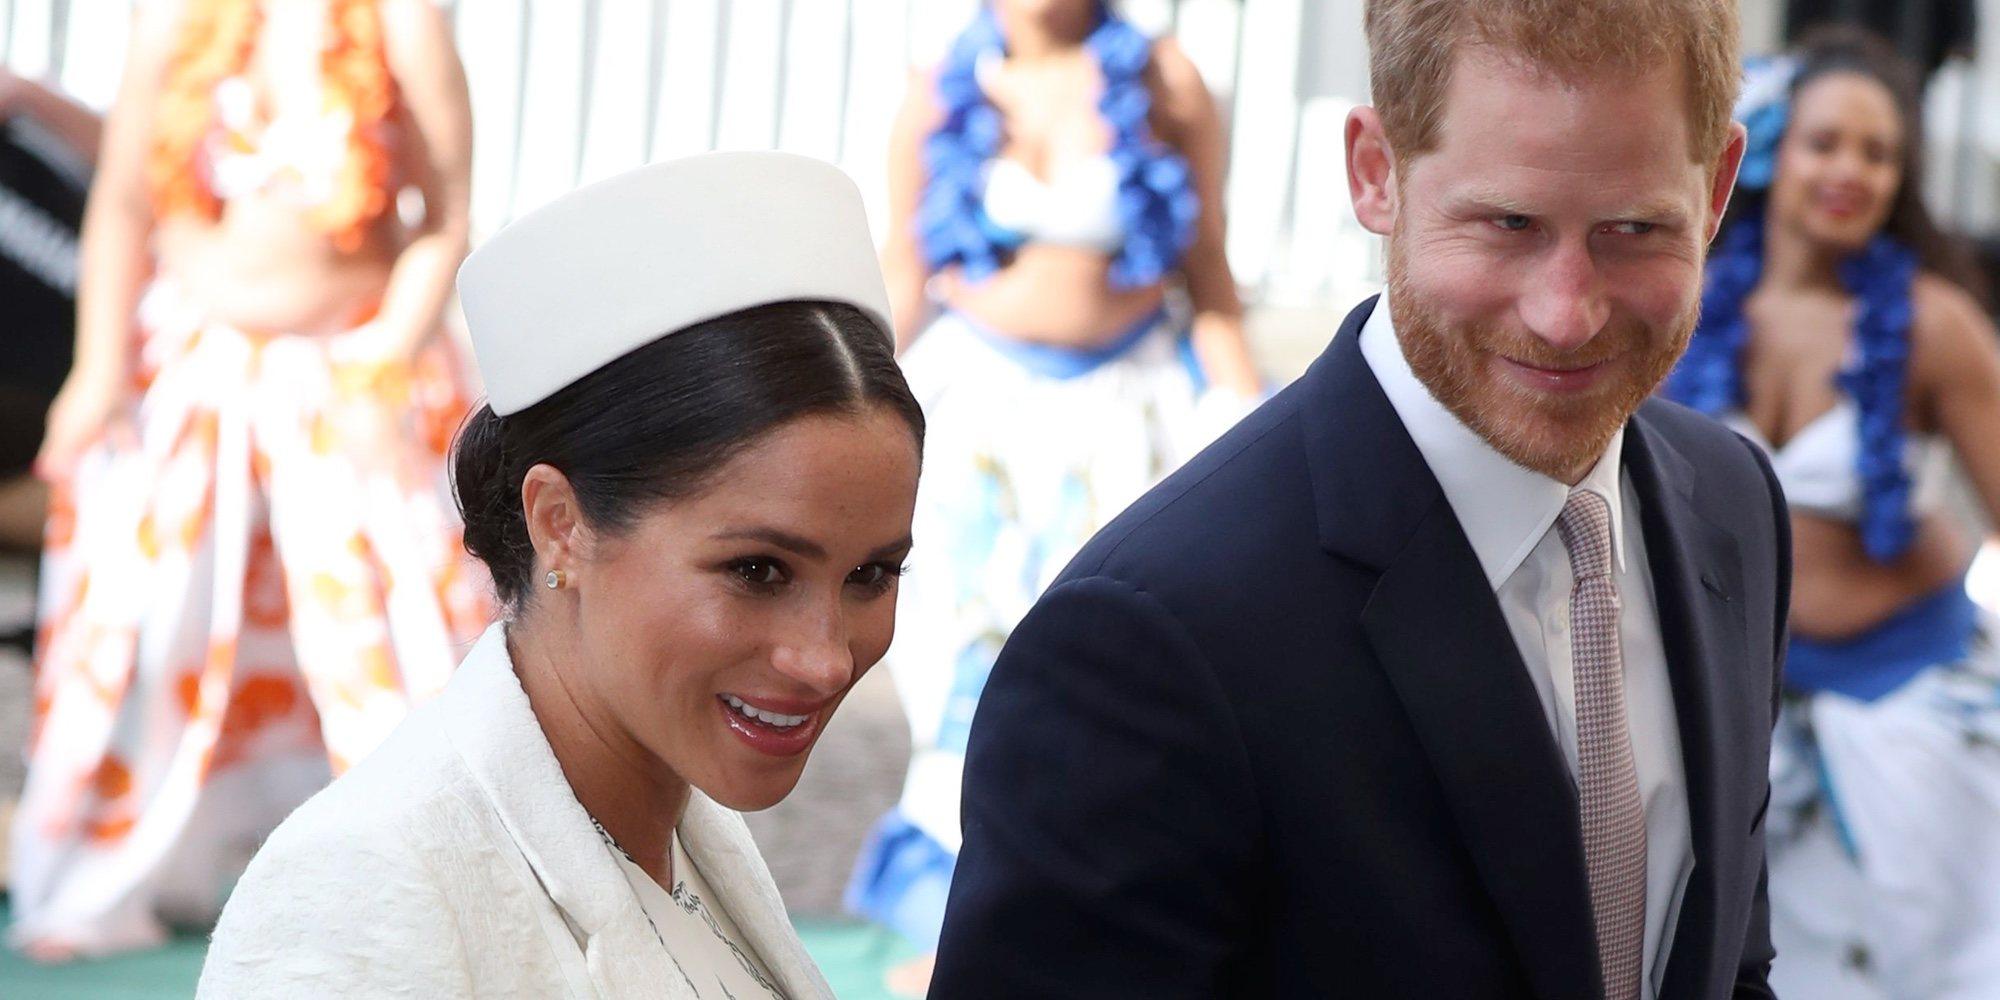 El caro regalo del Príncipe Harry y Meghan Markle a Idris Elba por su boda